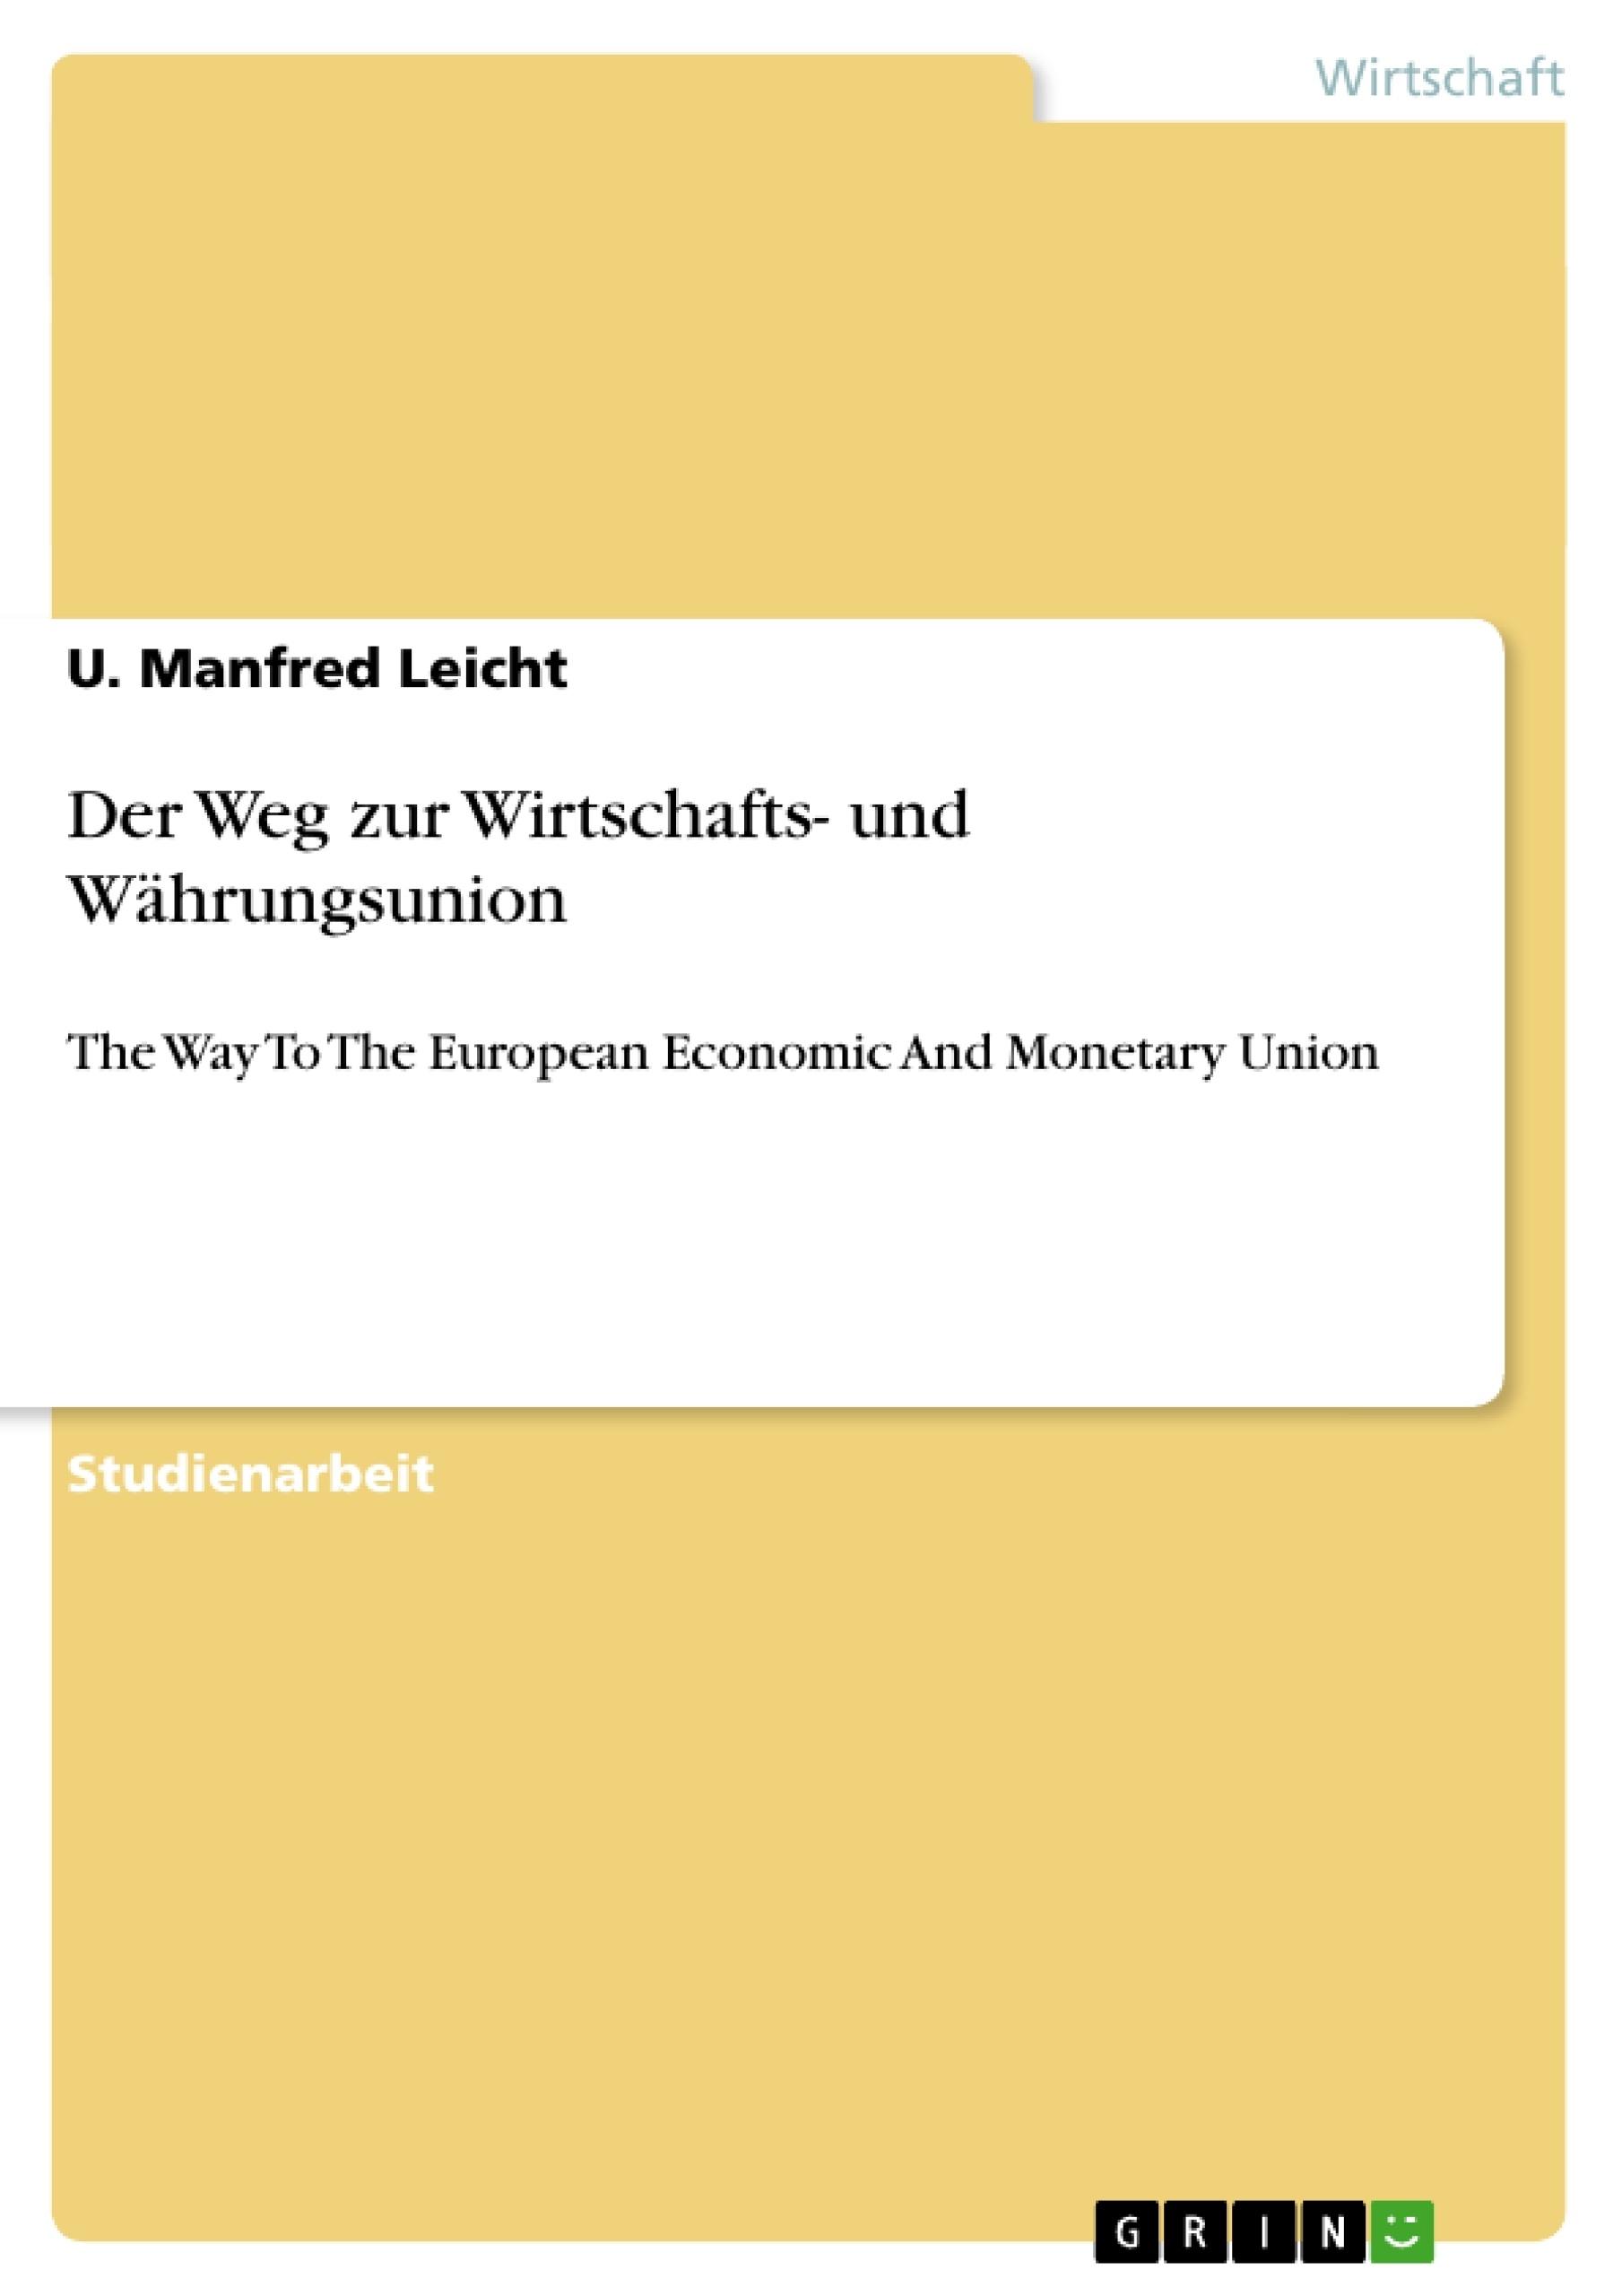 Titel: Der Weg zur Wirtschafts- und Währungsunion